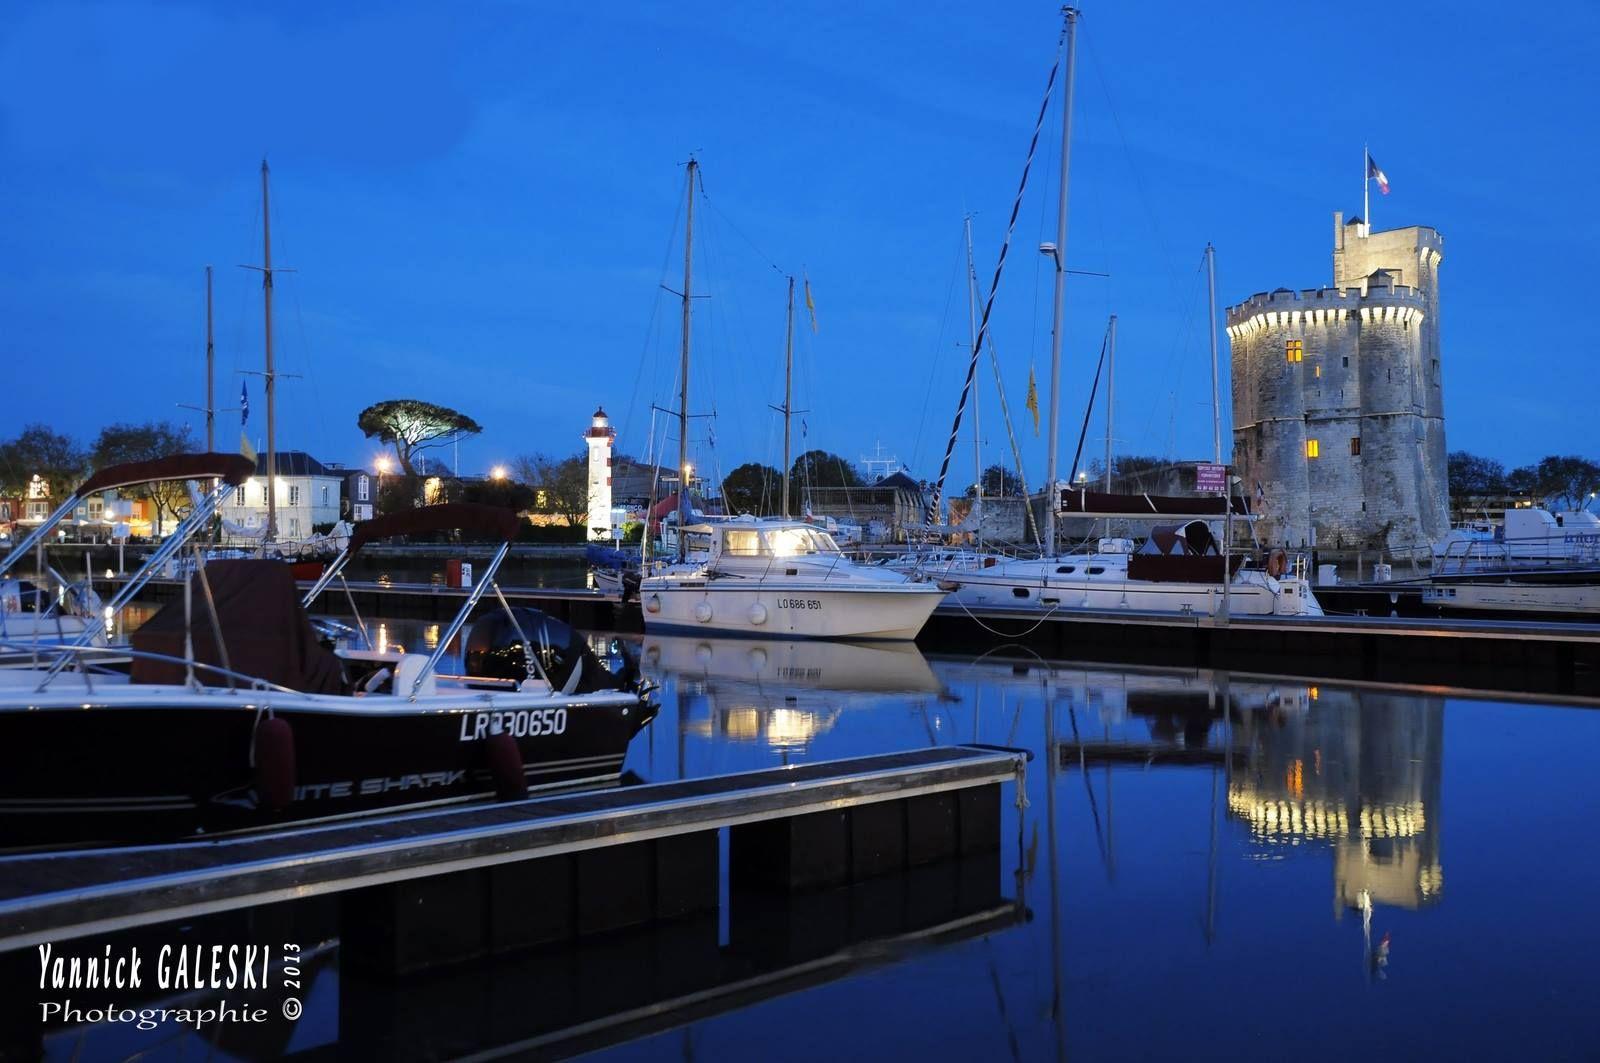 La Rochelle par Yannick Galesky  www.facebook.com/pages/Yannick-Galeski-Photographie/1431298843779264 #larochelle